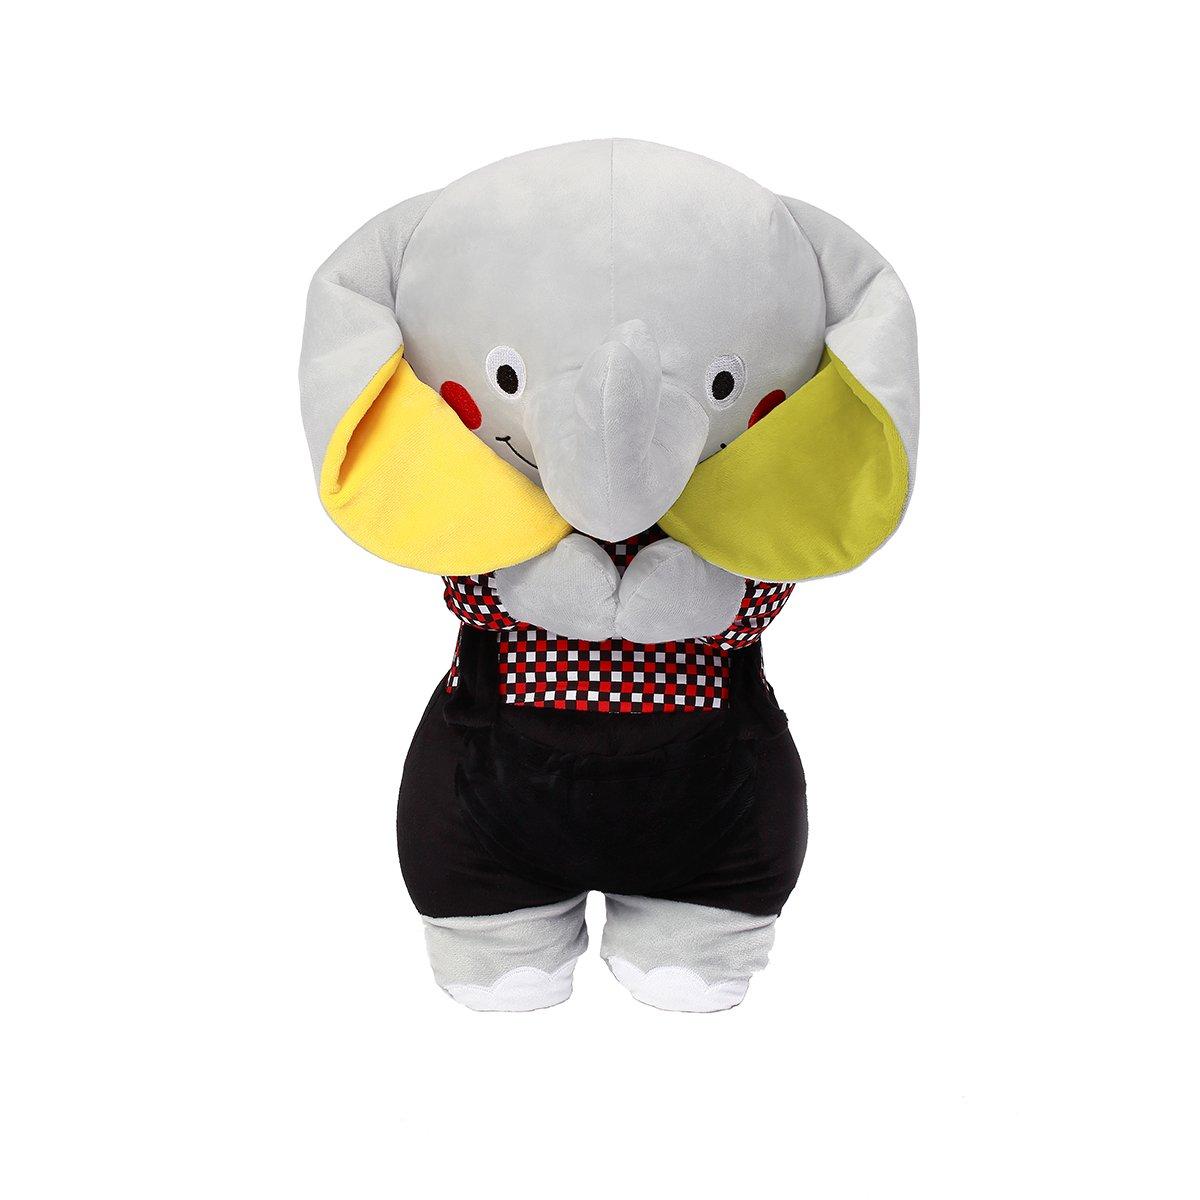 Plyšová hraèka slon Andy Senior - zvìtšit obrázek